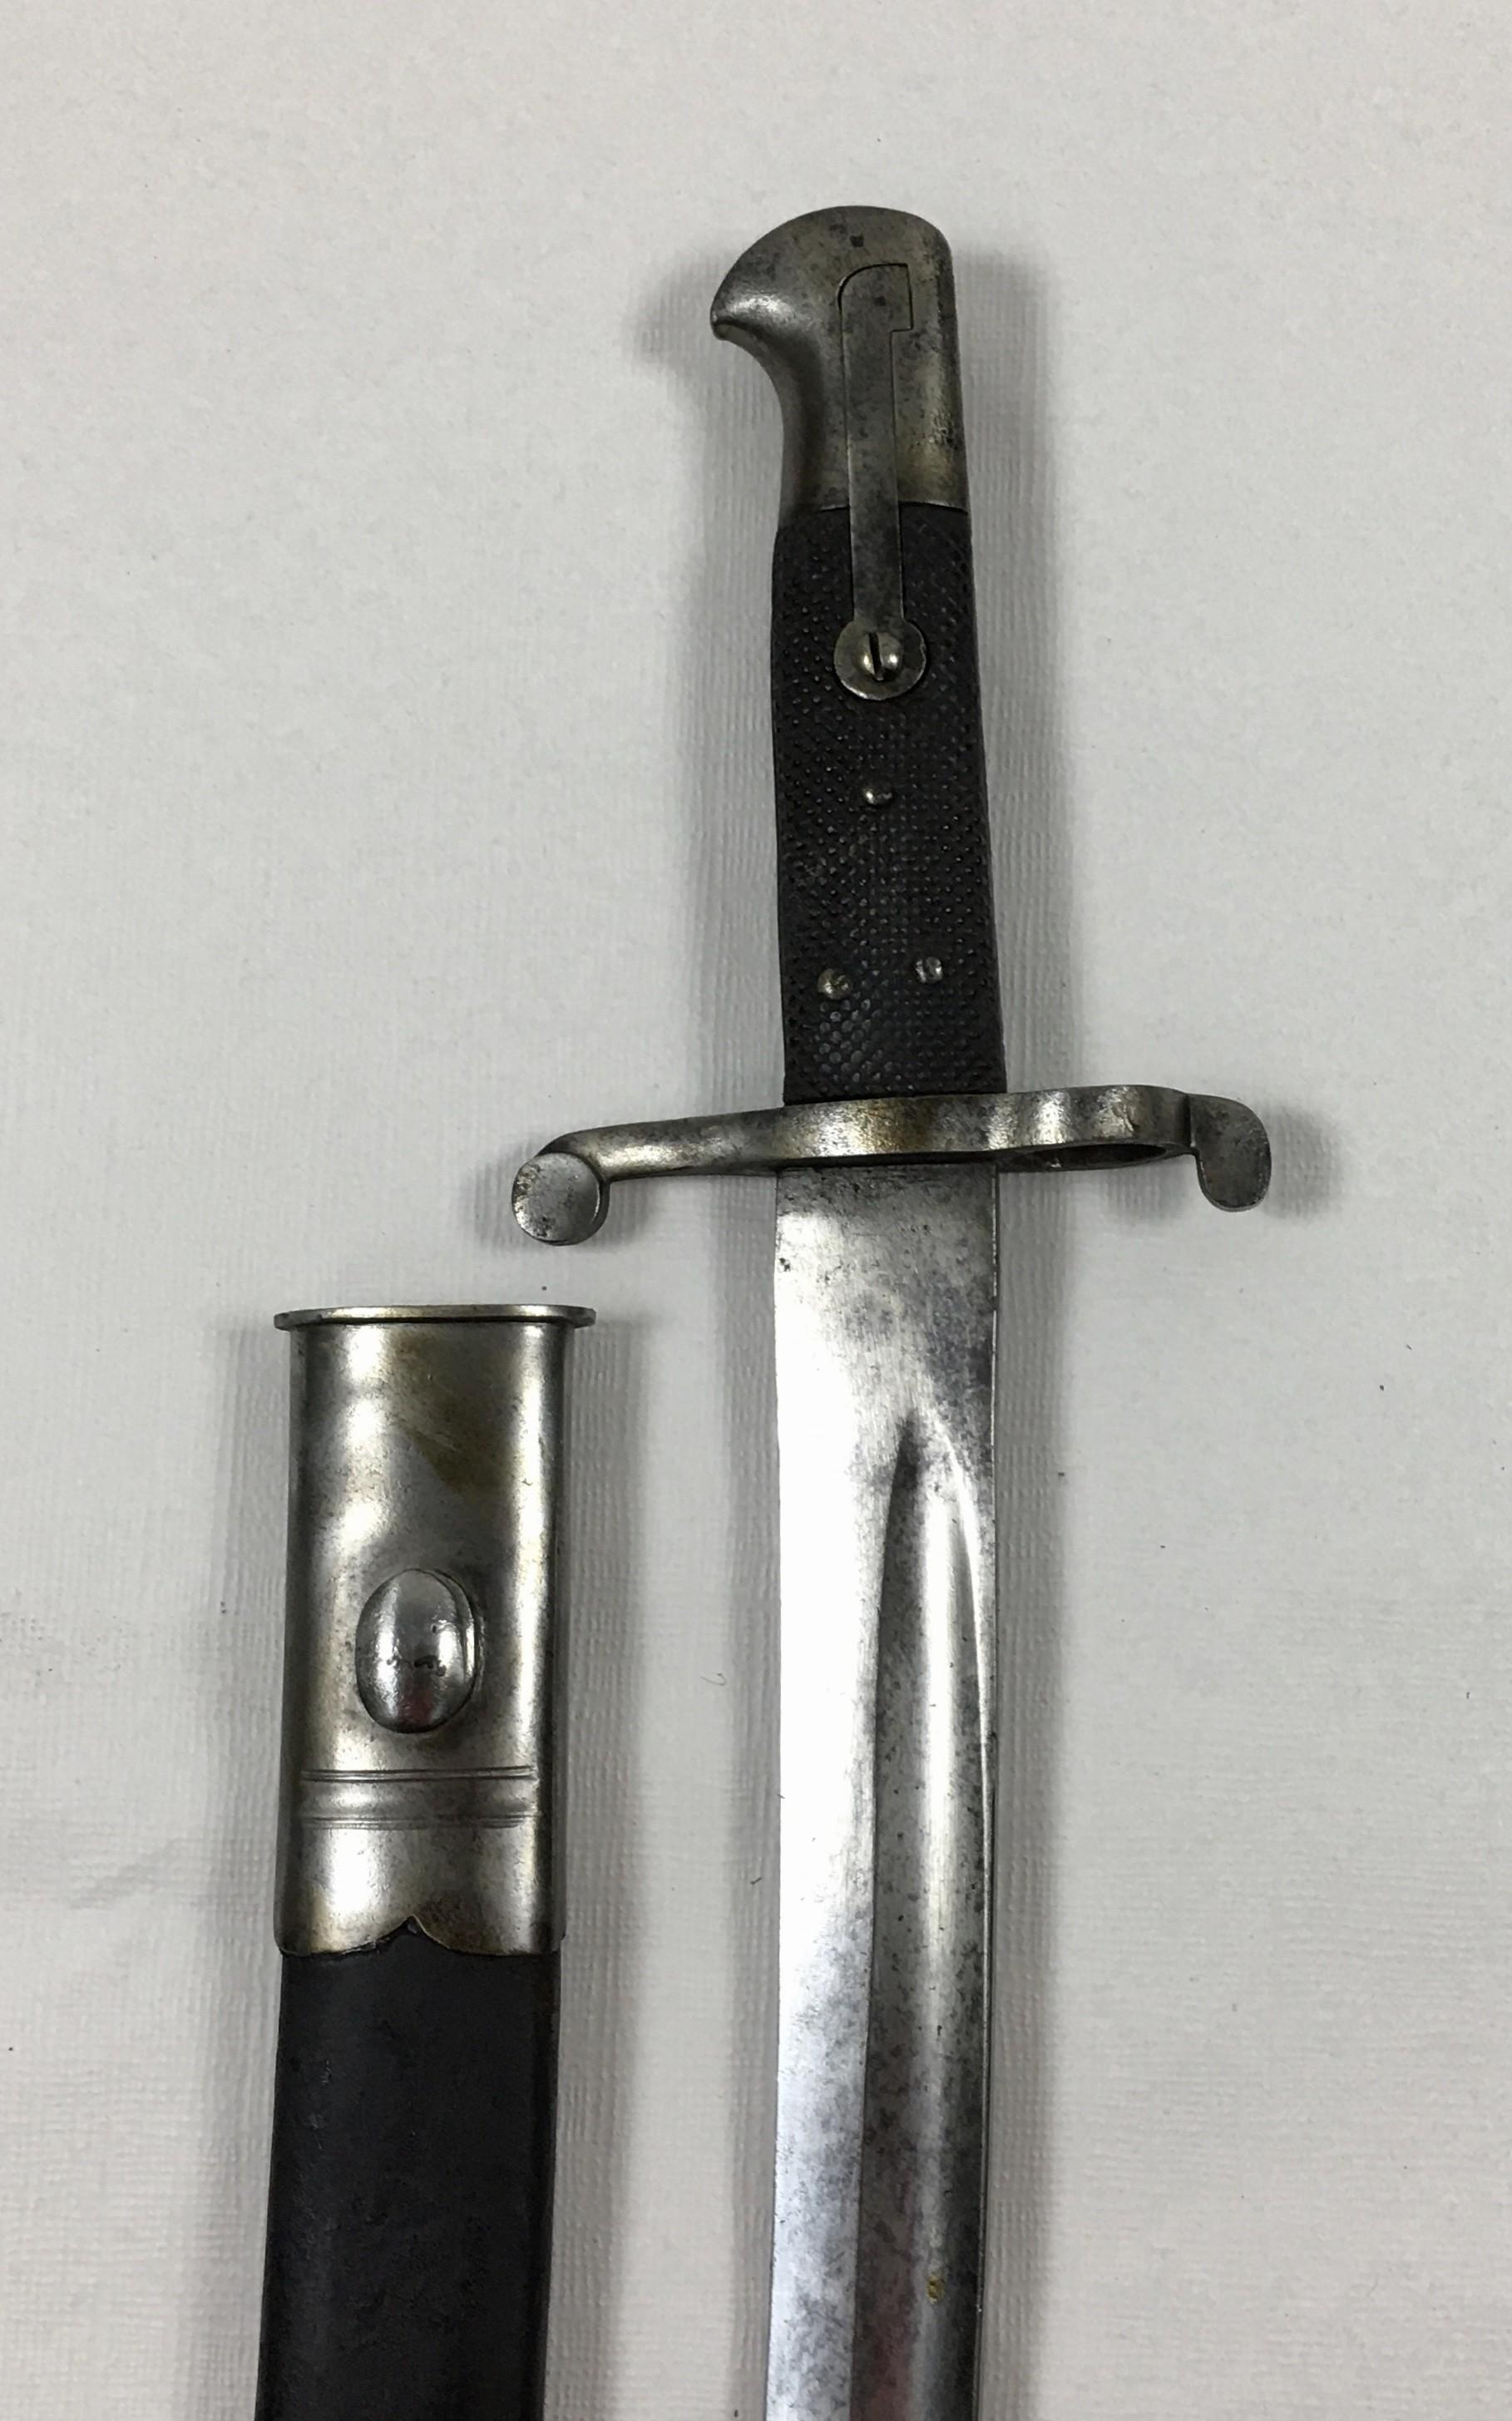 BIN-ENFIELD 1856/58 ALCOSO